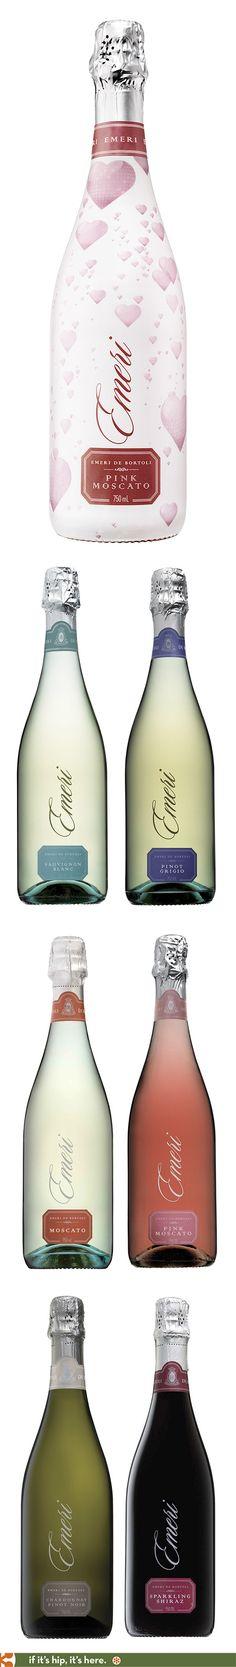 Emeri Sparkling Wines Wine Design, Bottle Design, Label Design, Package Design, Sangria, Cocktail, Pink Drinks, Beverage Packaging, Wine Labels